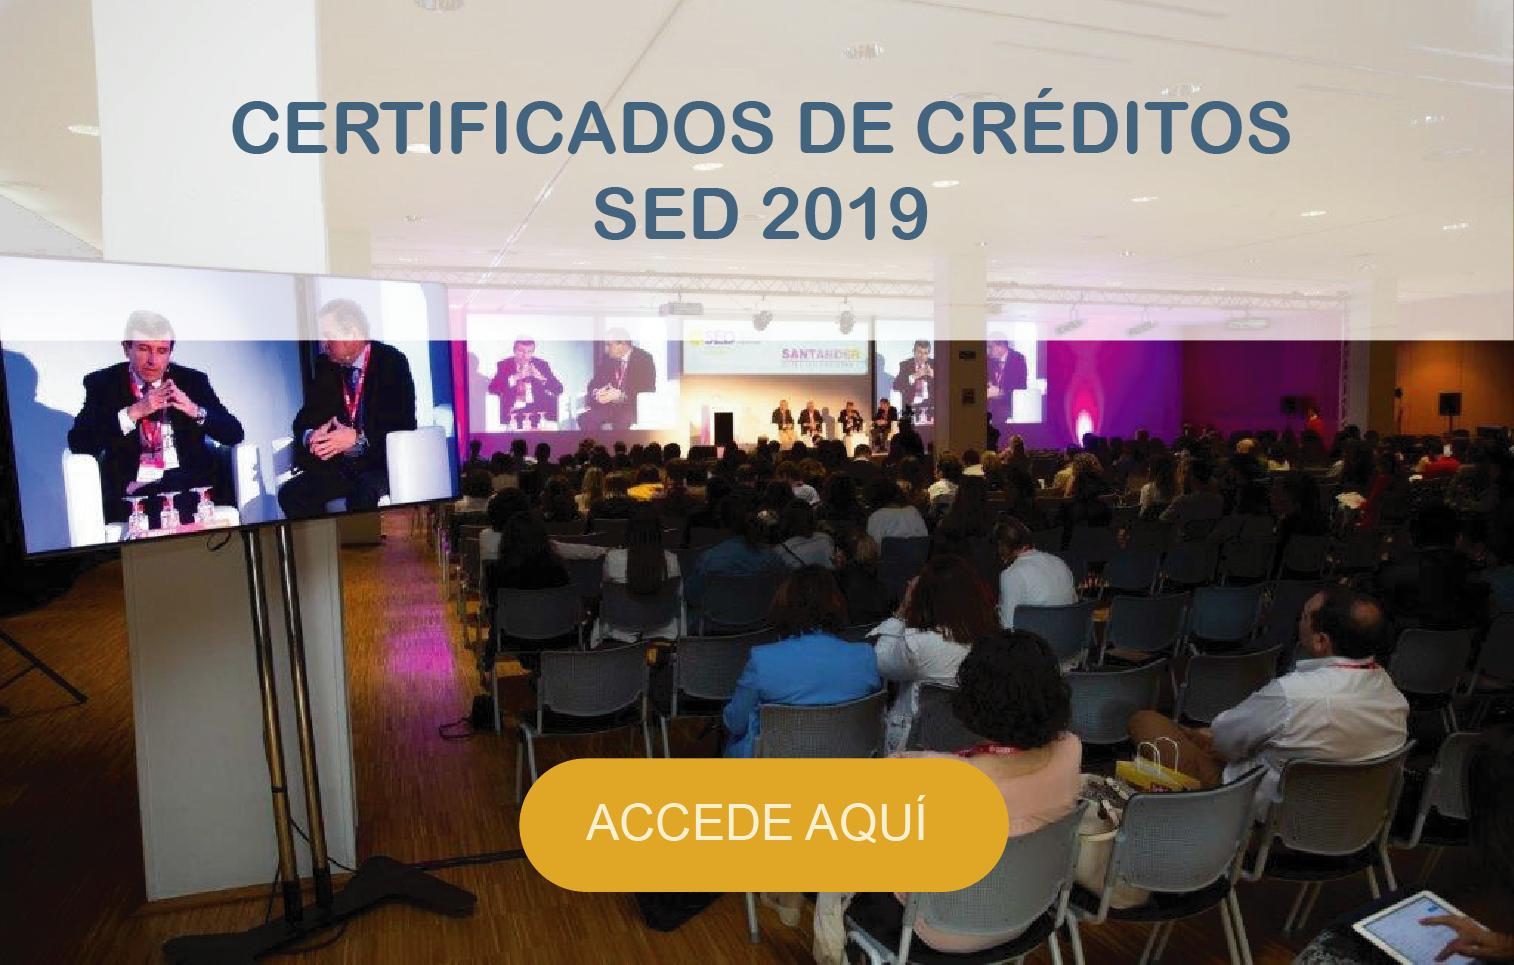 Certificados de créditos SED 2019